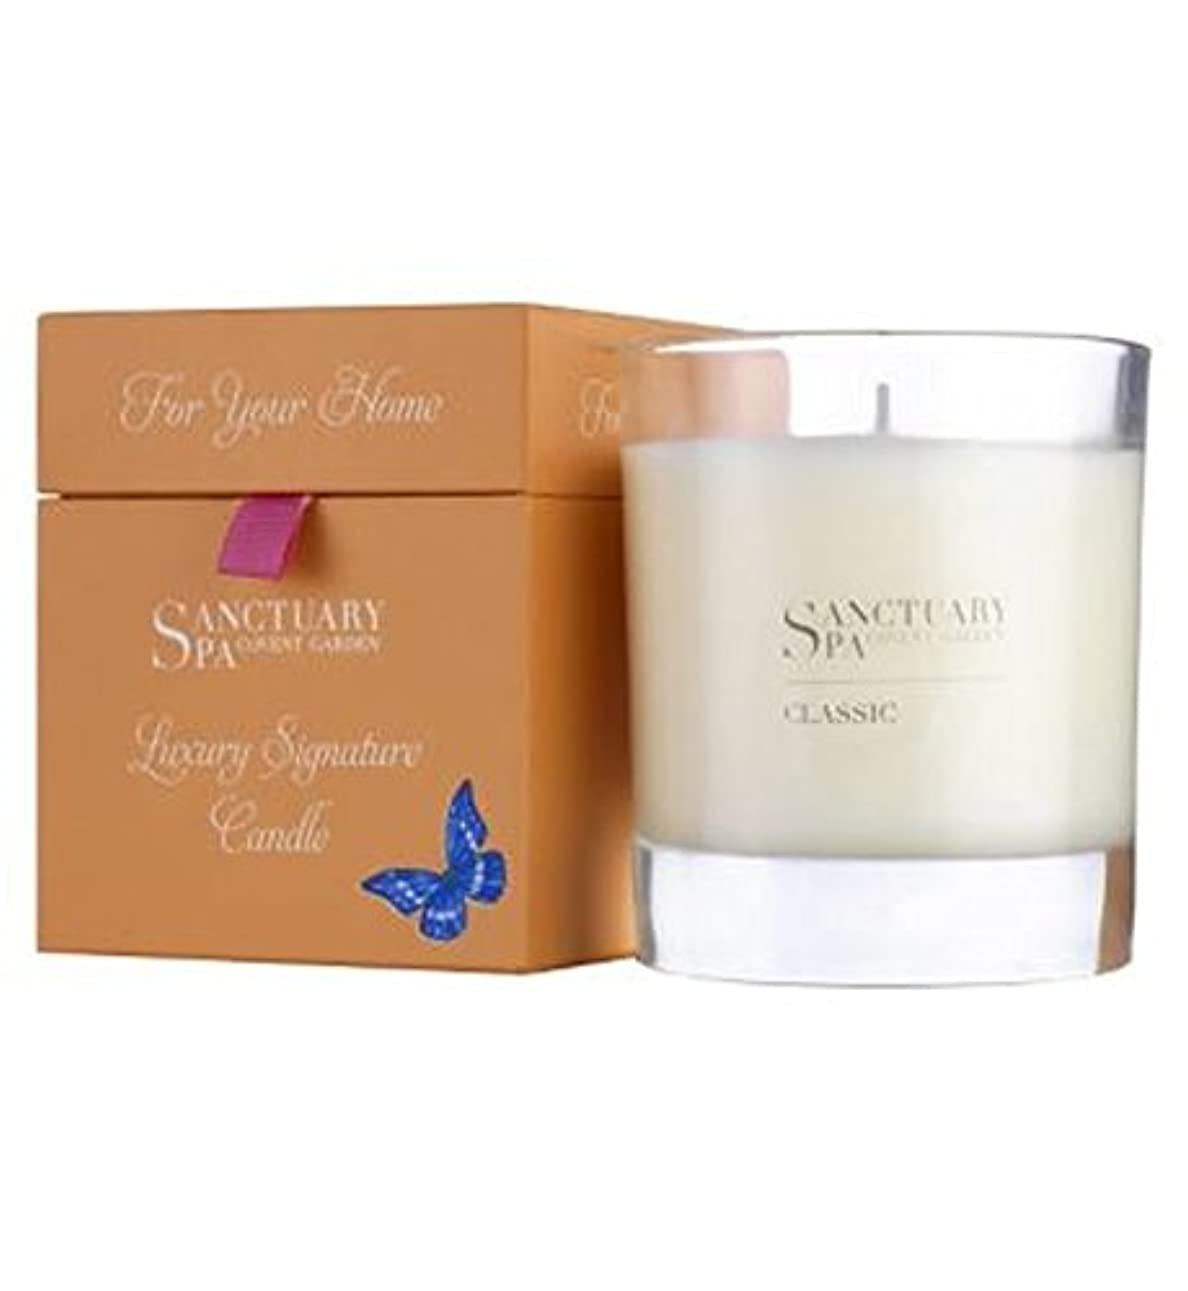 自治肘結晶Sanctuary Classic Fragranced Candle - 聖域のクラシックフレグランスキャンドル (Sanctuary) [並行輸入品]